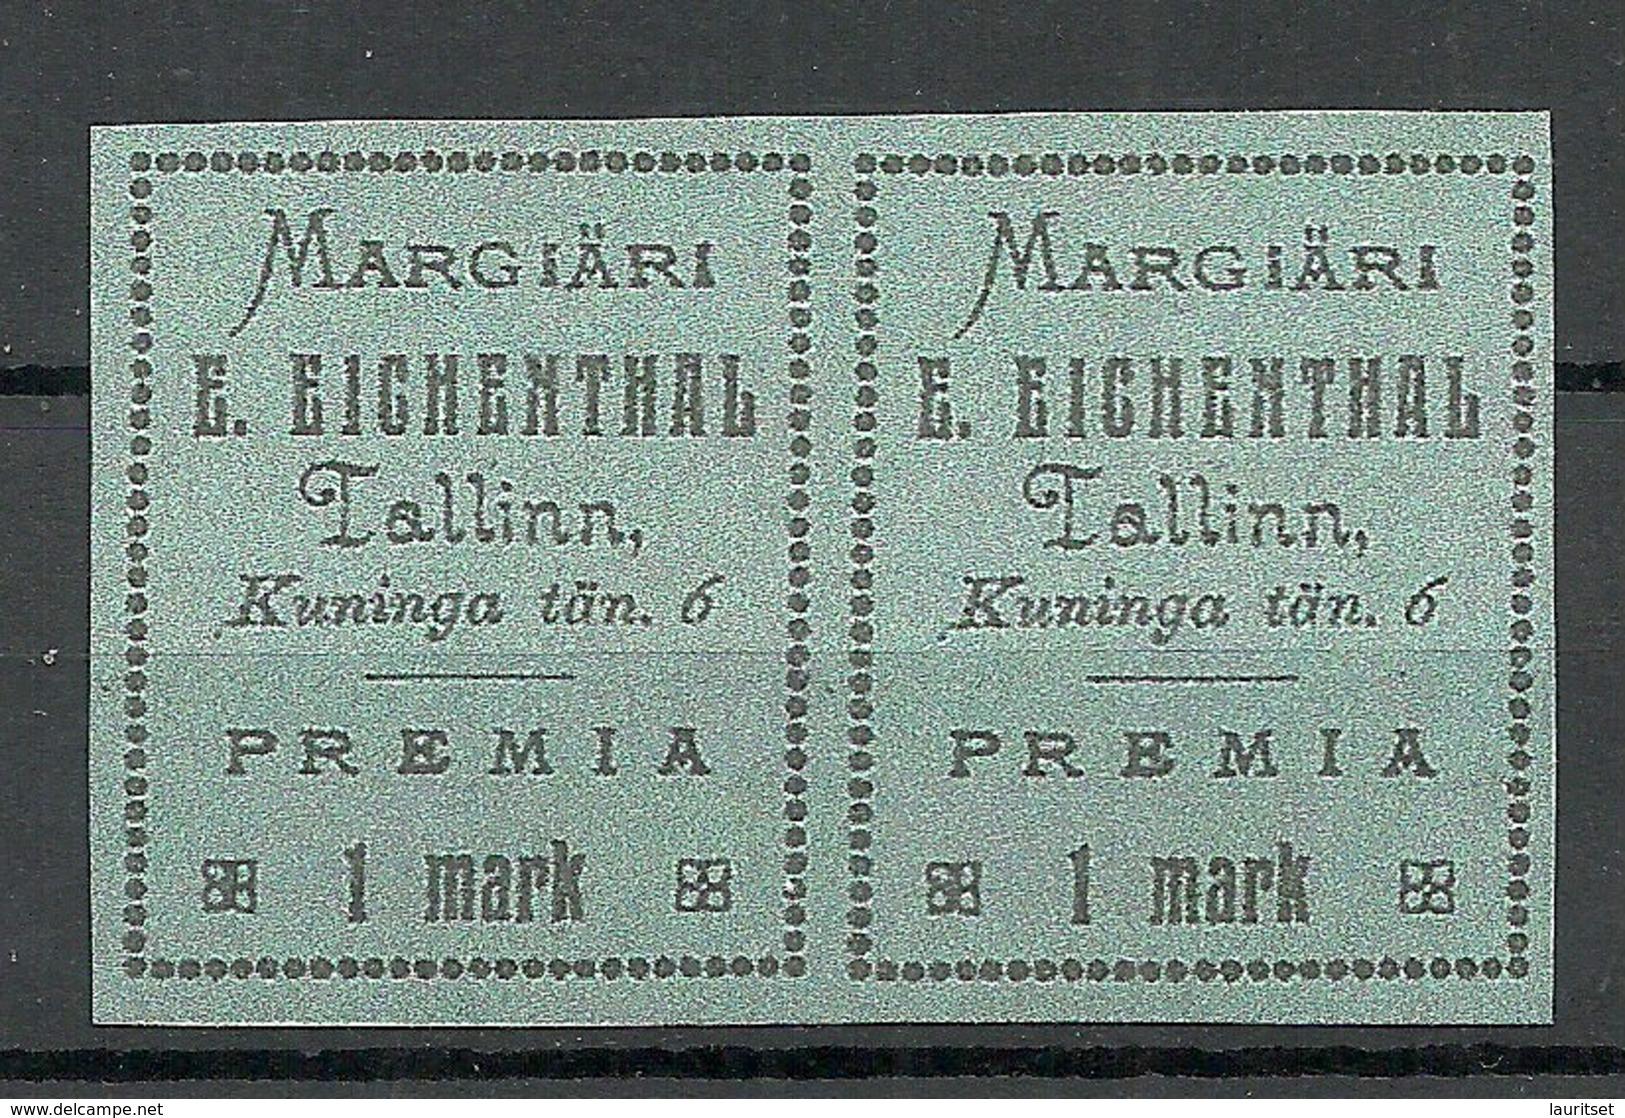 ESTLAND ESTONIA Margiäri Eichenthal In Pair. Cartong Paper Advertising Vignette MNH - Estonia